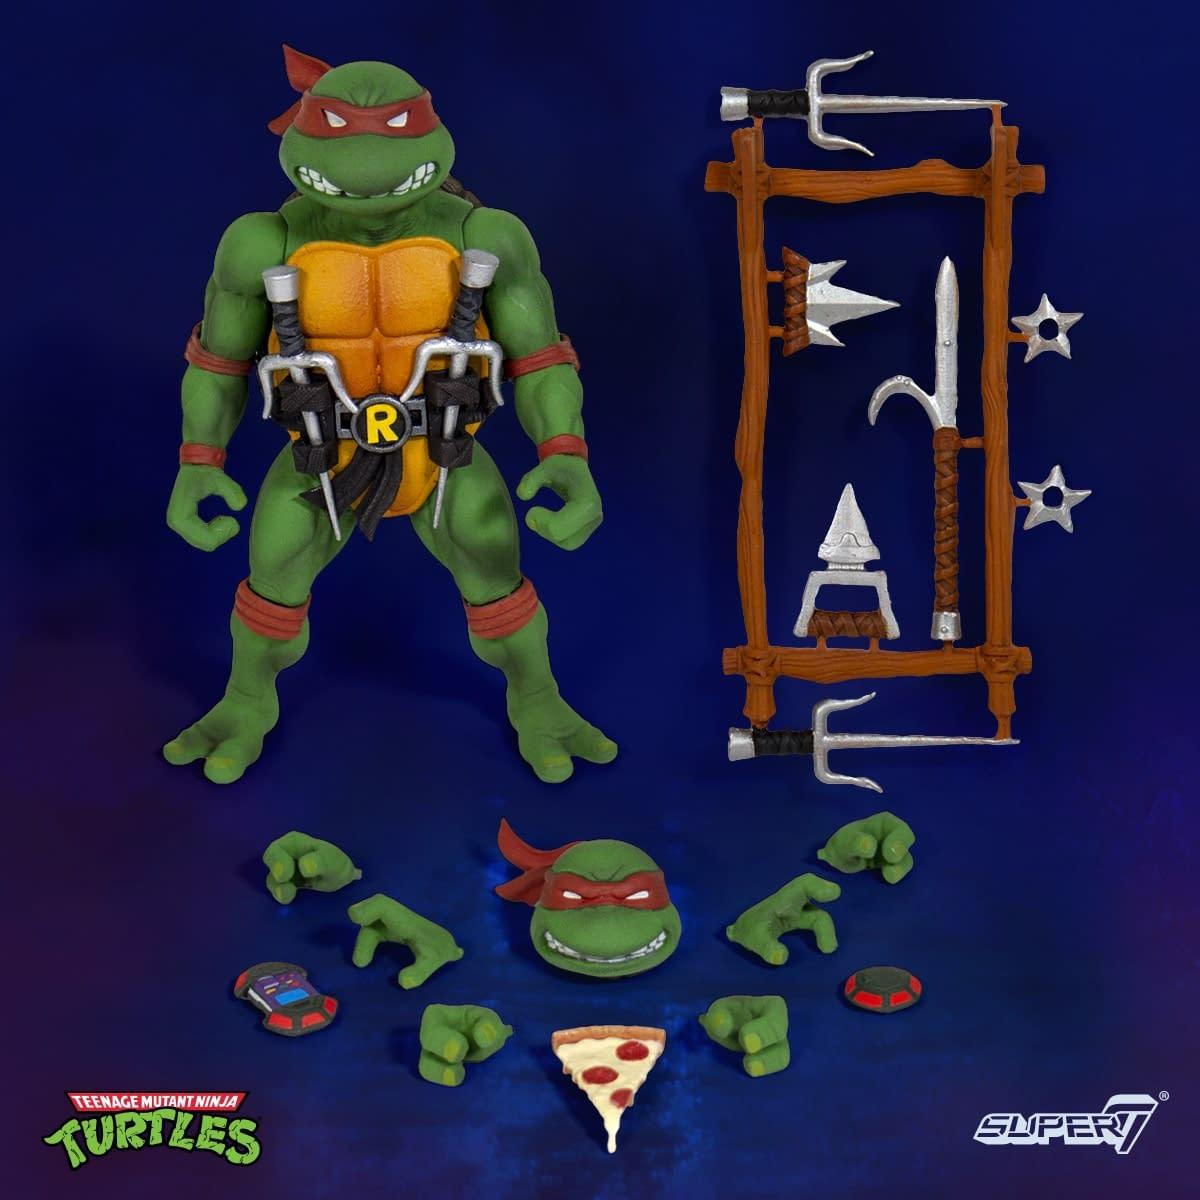 Teenage Mutant Ninja Turtles Super 7 Figures Revealed